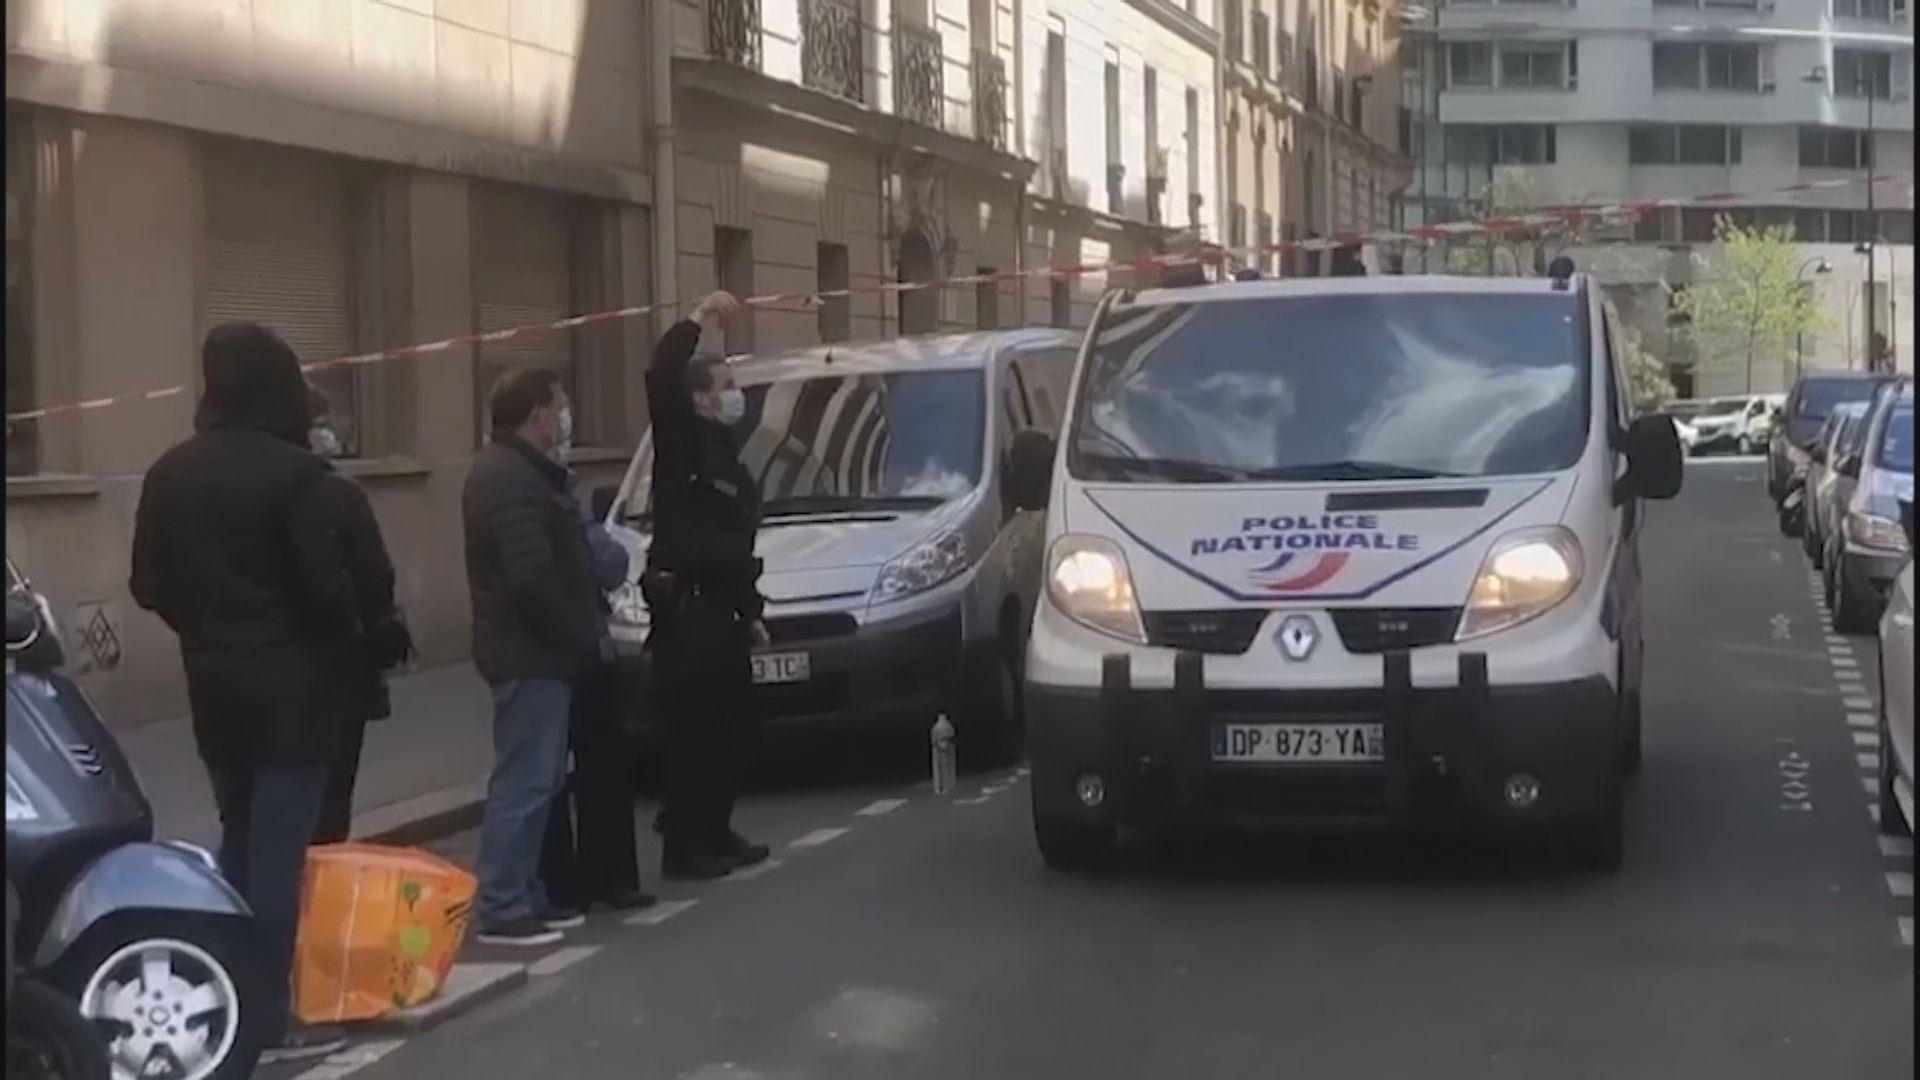 法國巴黎發生槍擊案一死一傷 初步相信不涉及恐怖襲擊